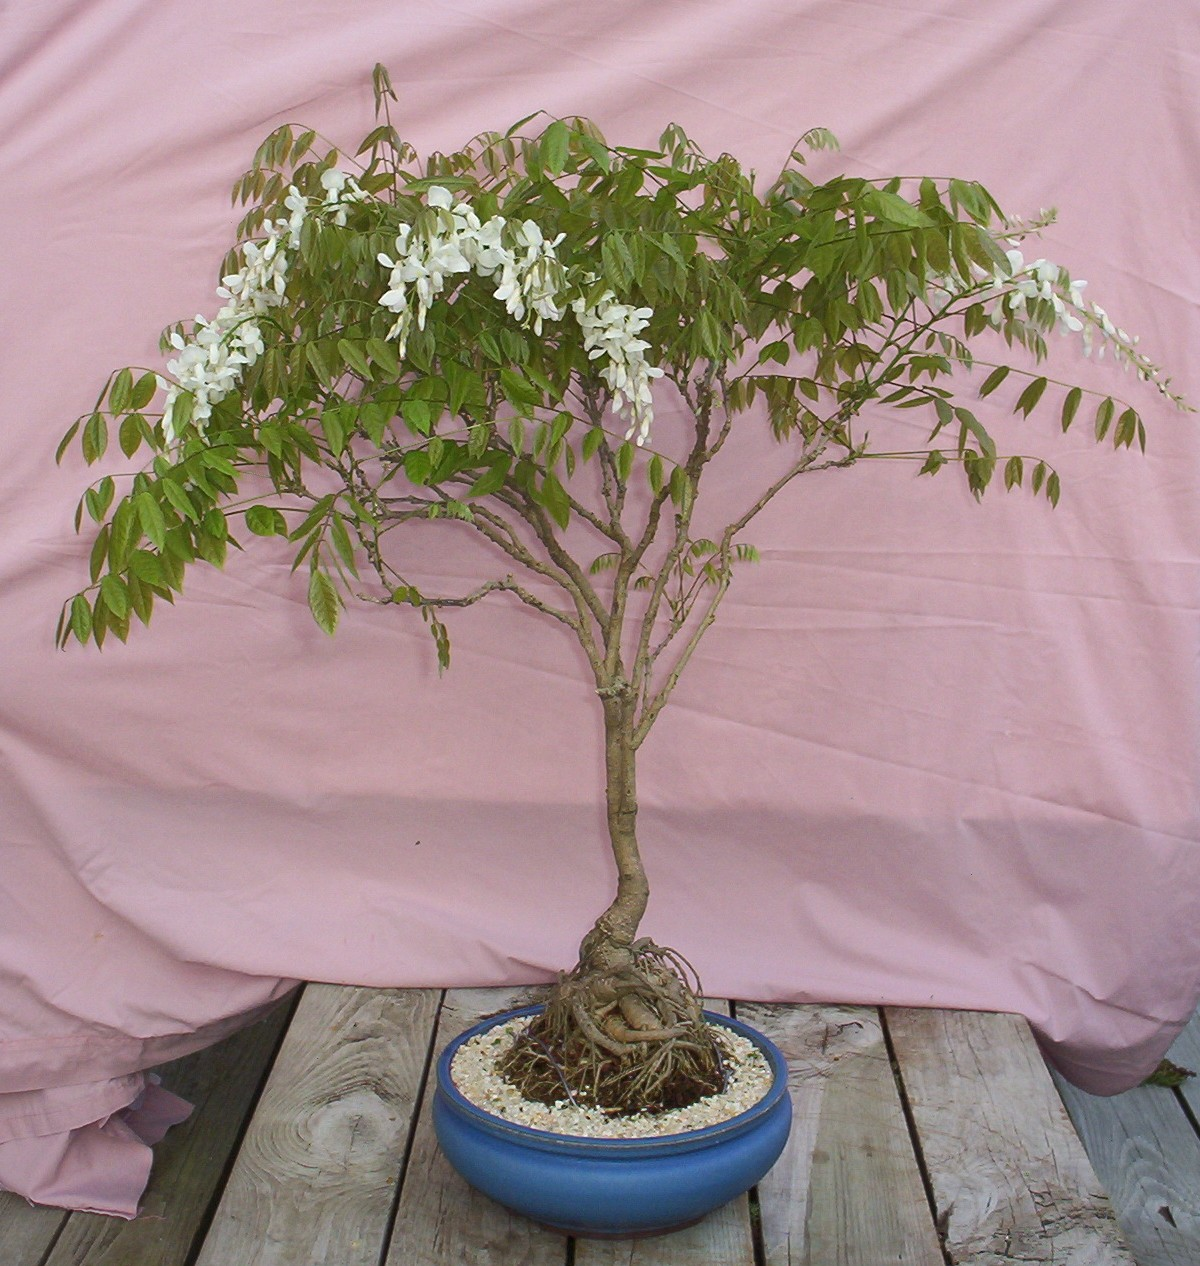 Bonsai Beginnings March 2012